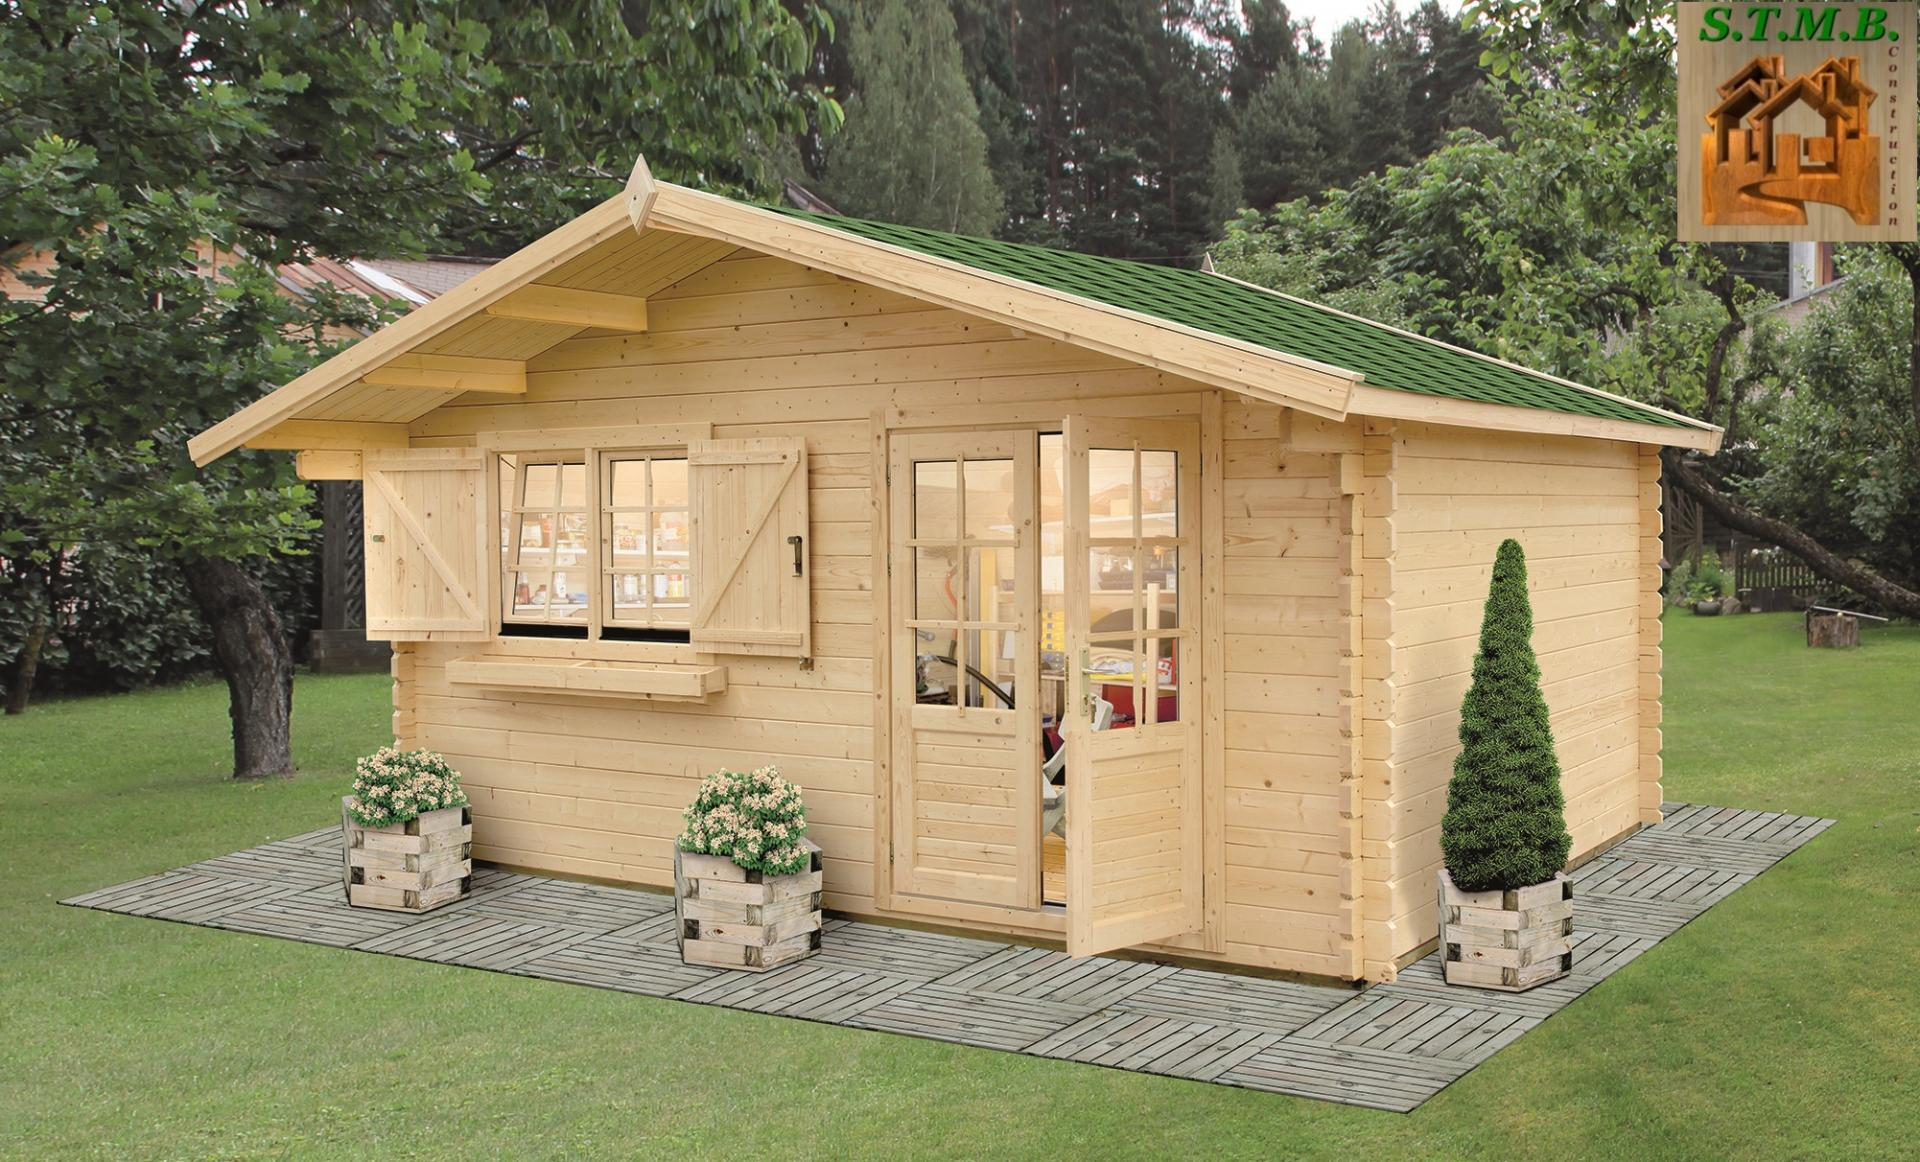 Chalet En Sapin De 50 M2 Sans Permis De Construire - Chalet ... intérieur Construction Abri De Jardin En Bois